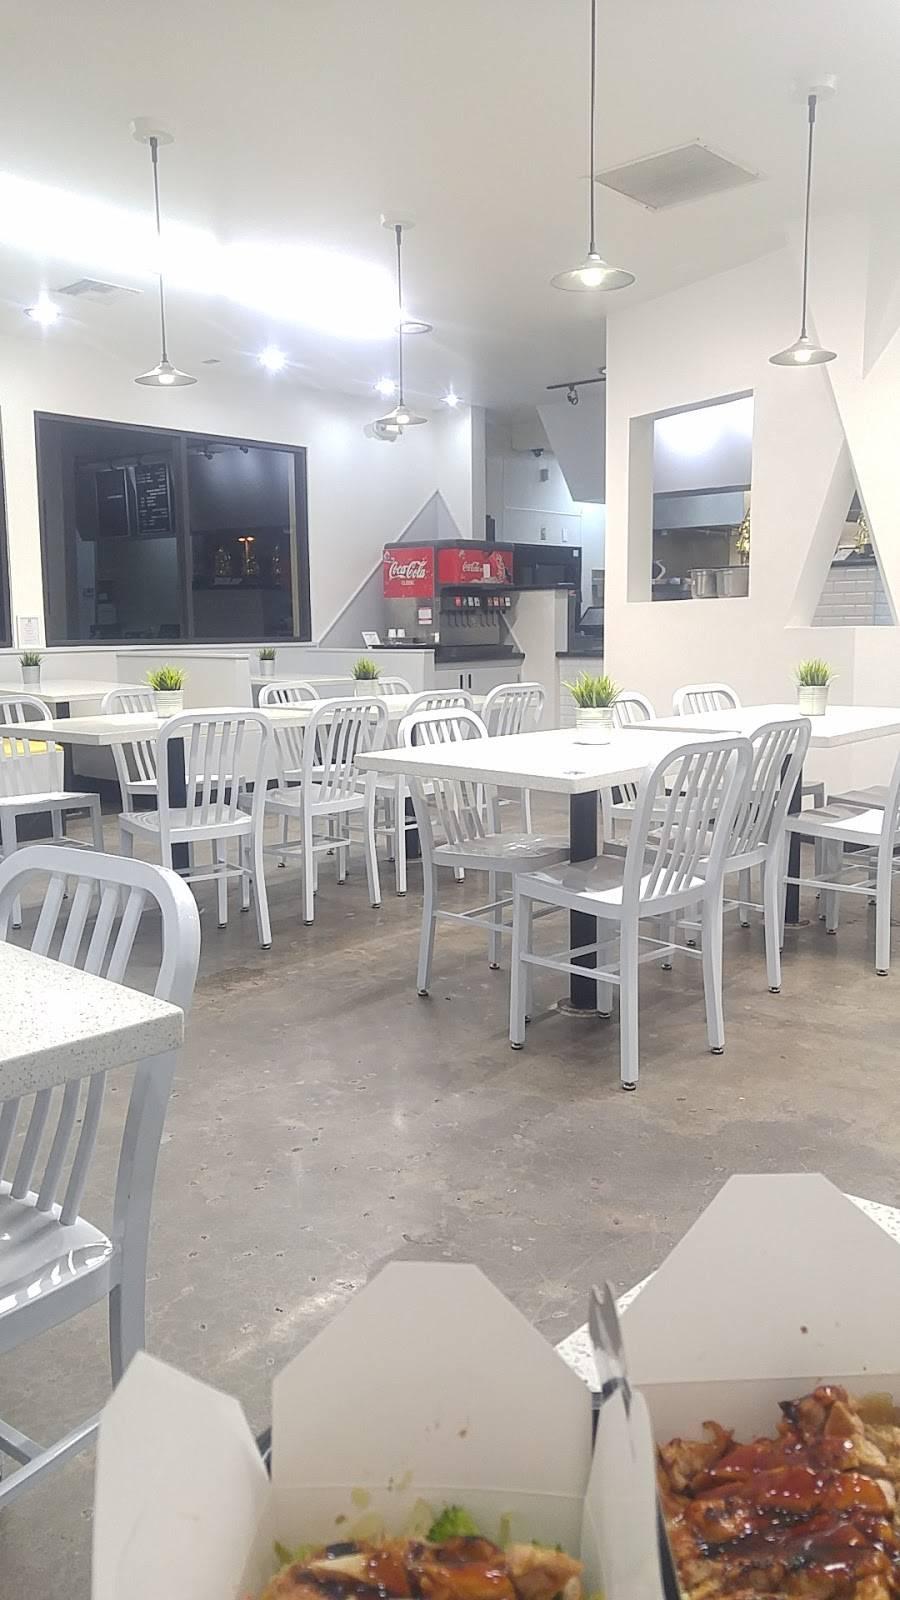 Hana Kitchen Azusa Restaurant 990 E Alosta Ave Azusa